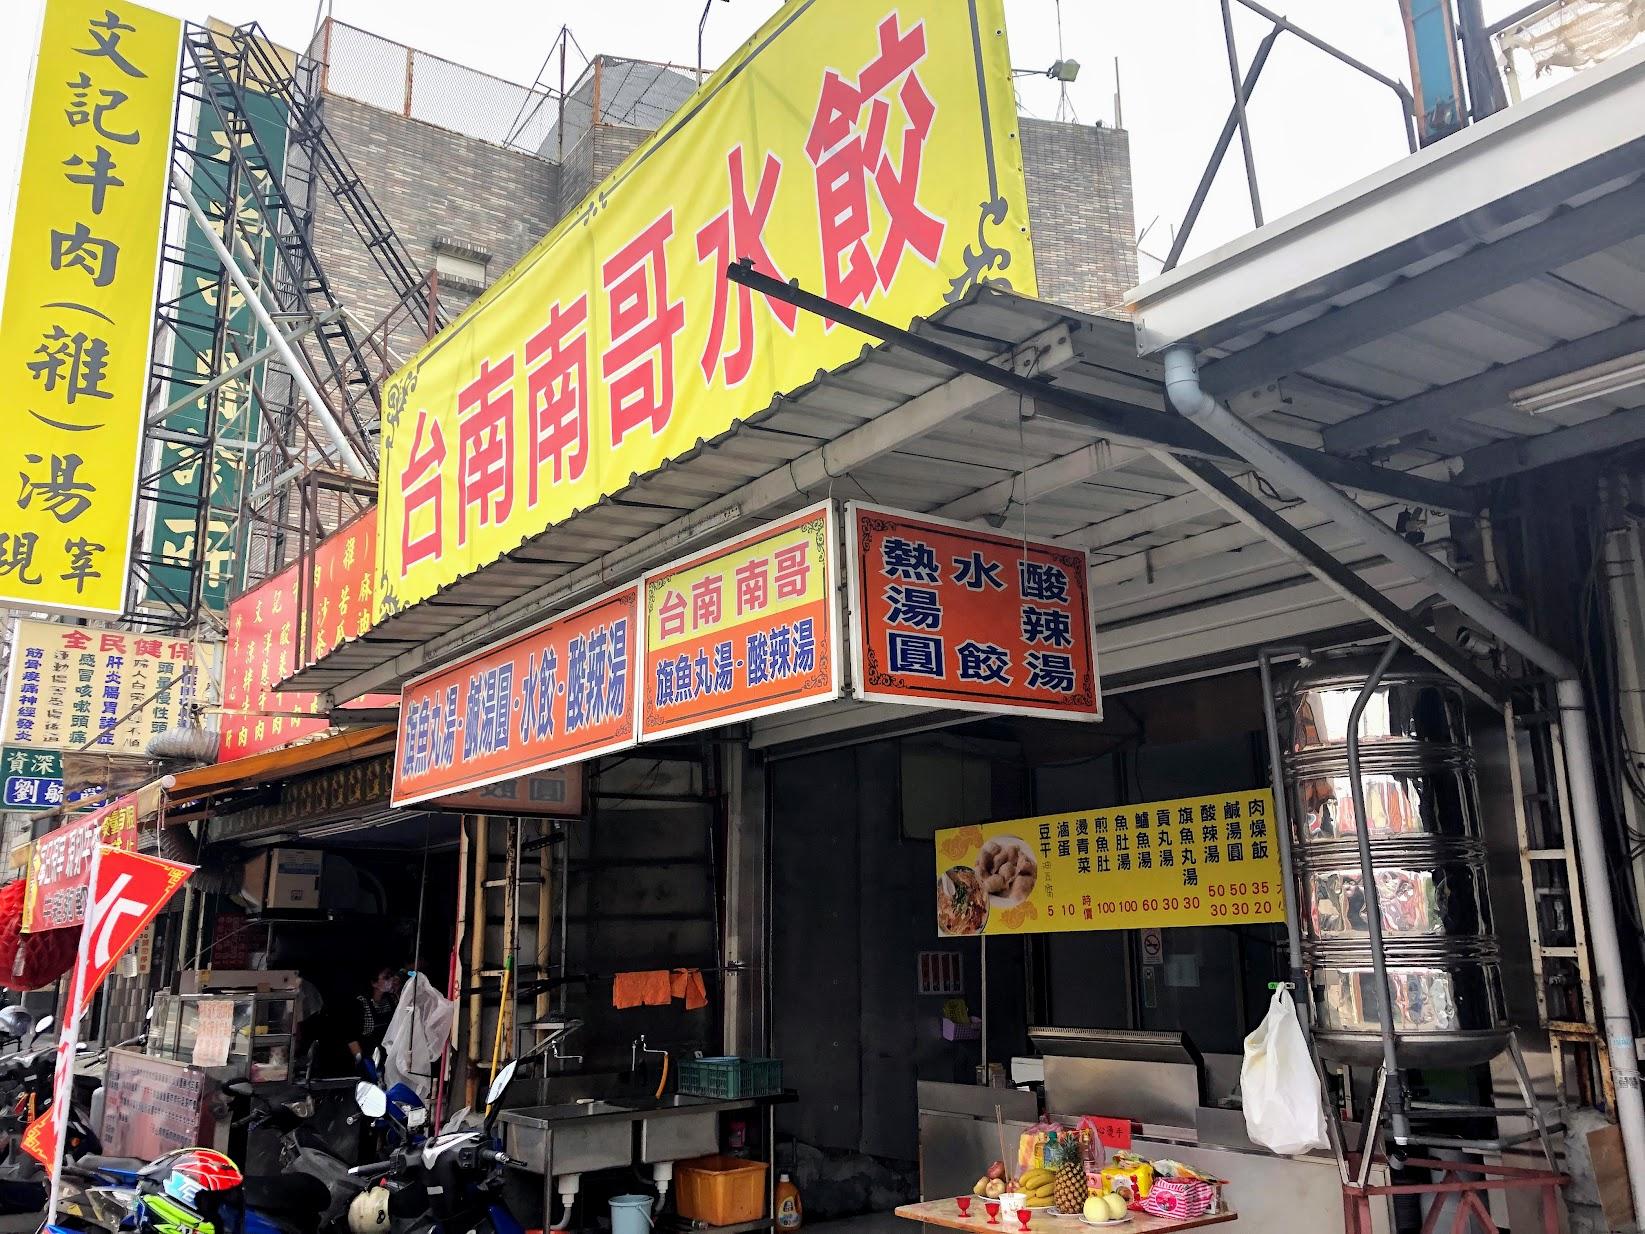 台南南哥水餃,原本是在大社夜市的小攤